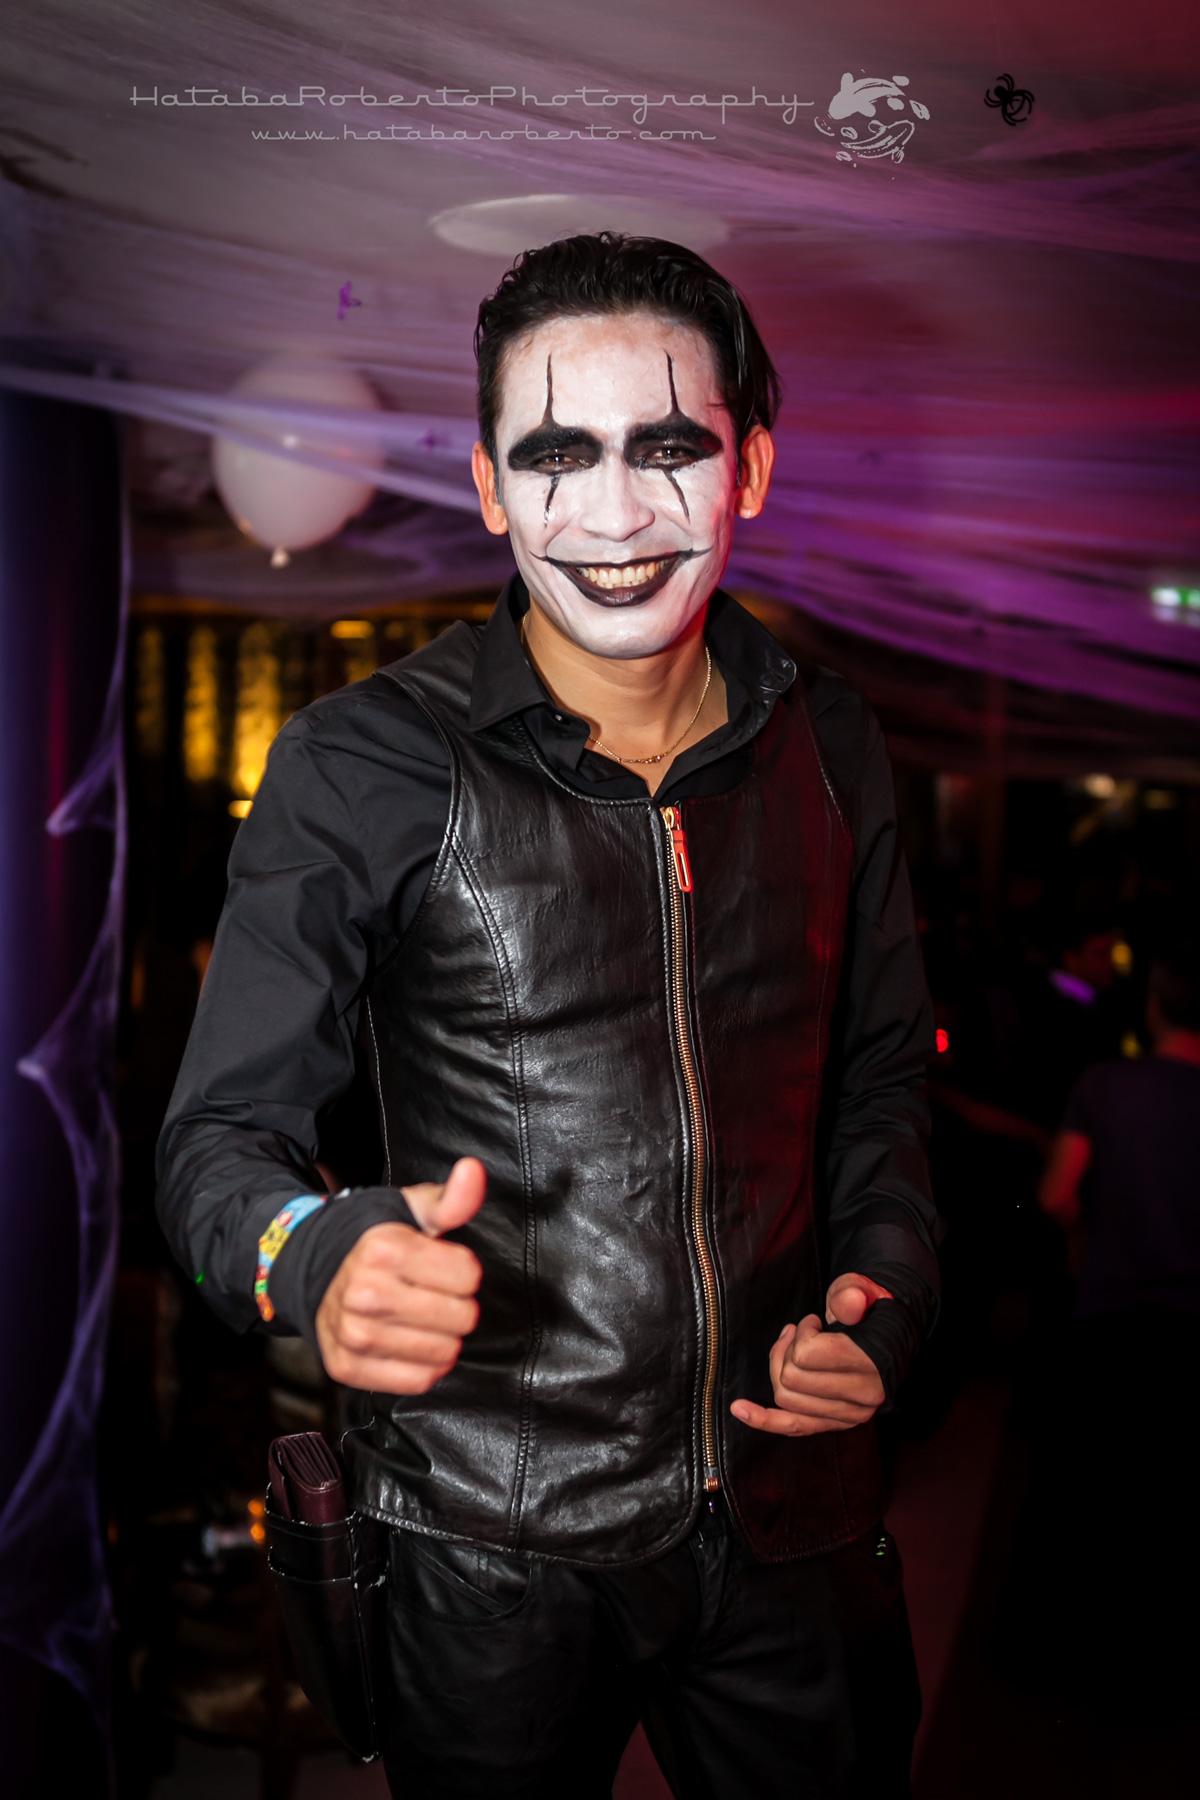 HalloweenHatabaRoberto-88